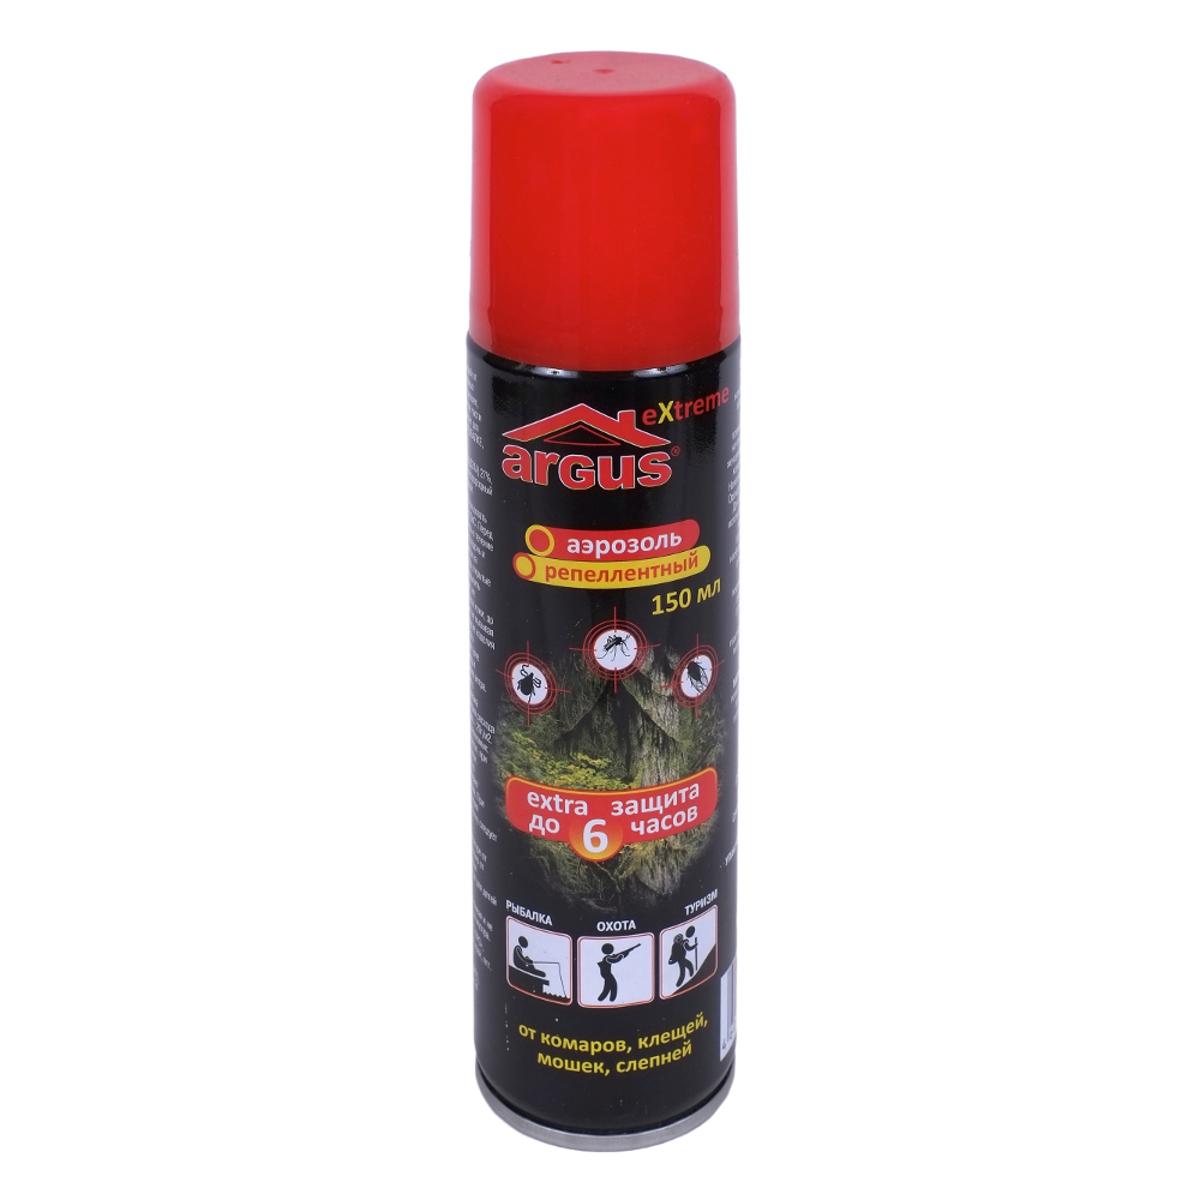 Аэрозоль репеллентный против насекомых Argus, 150 мл66701107Репеллентный аэрозоль Argus применяется для защиты людей от нападения кровососущих насекомых (комаров, мокрецов, москитов, мошки, слепней) при нанесении на открытые части тела. Изделие идеально подойдет для защиты от насекомых в экстремальных условиях: на рыбалке, охоте, отдыхе, в лесу, в тайге, в горах, в районах с повышенной влажностью. Действие продолжается до 6 часов.Состав: N,N-диэтилтолуамид (ДЭТА) 27%, пропиленгликоль, отдушка, углеводородный пропеллент, спирт изопропиловый.